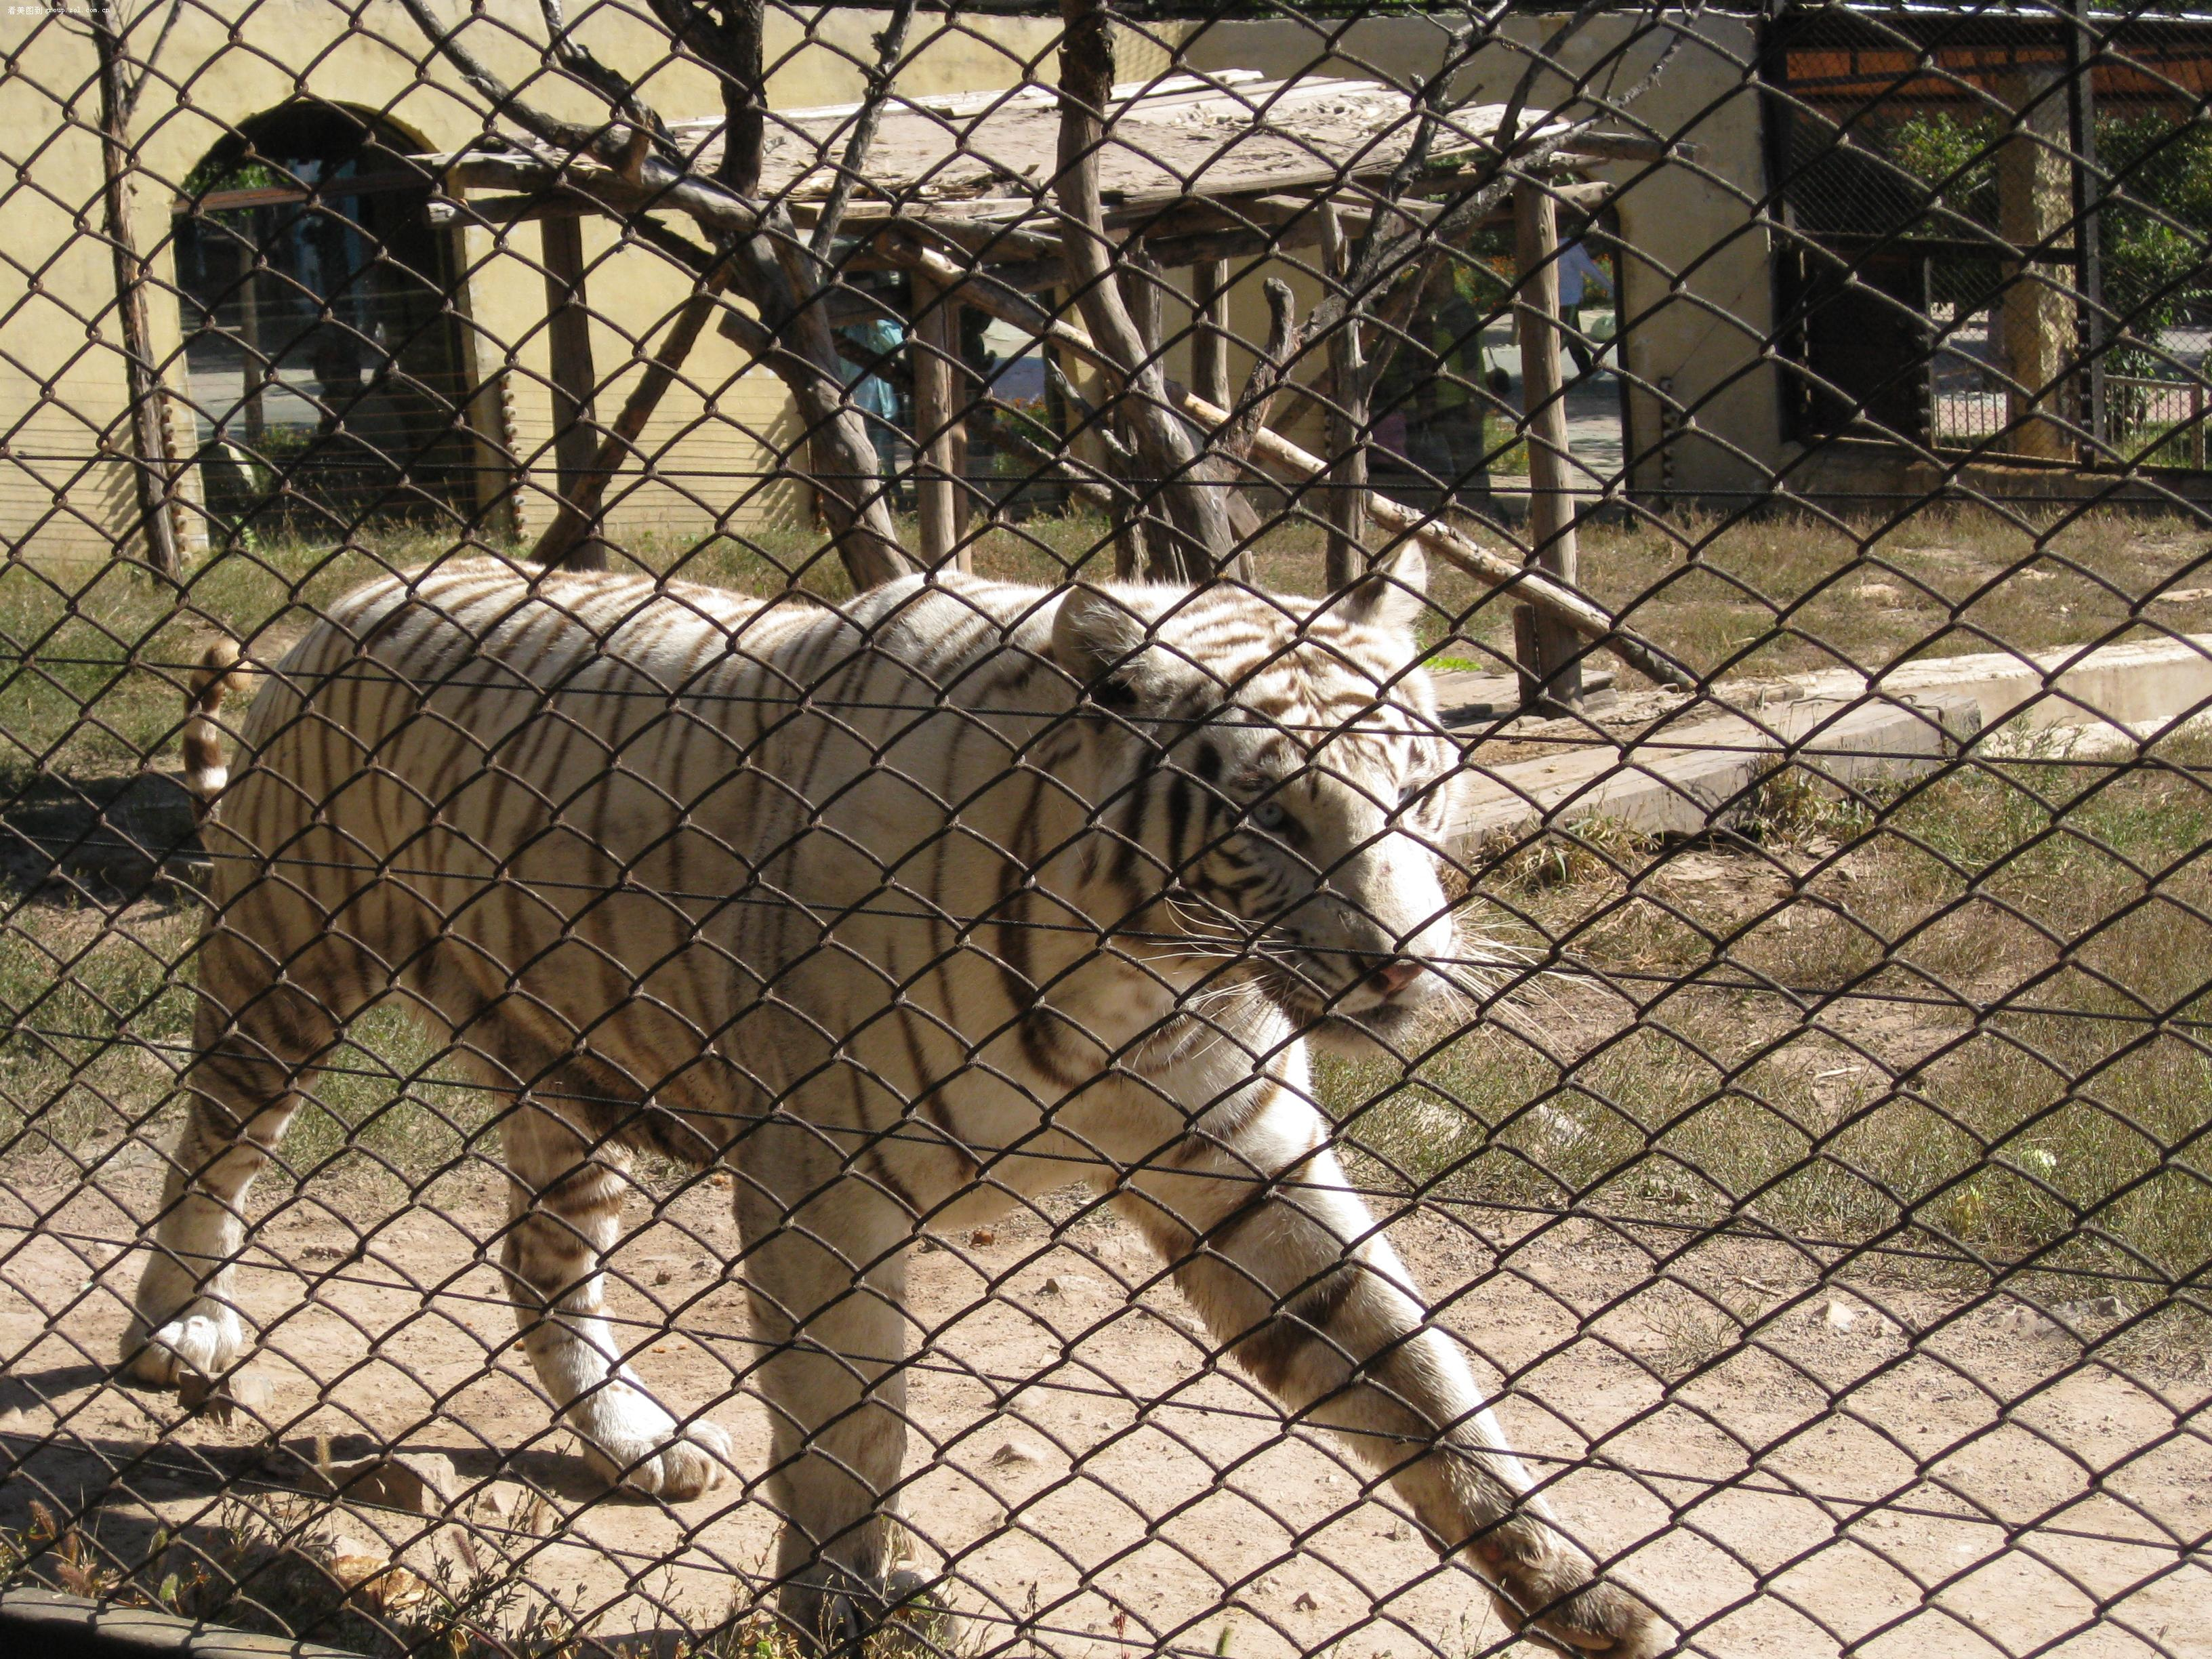 【沈阳棋盘山森林野生动物园游览图片之笼养篇】-第2